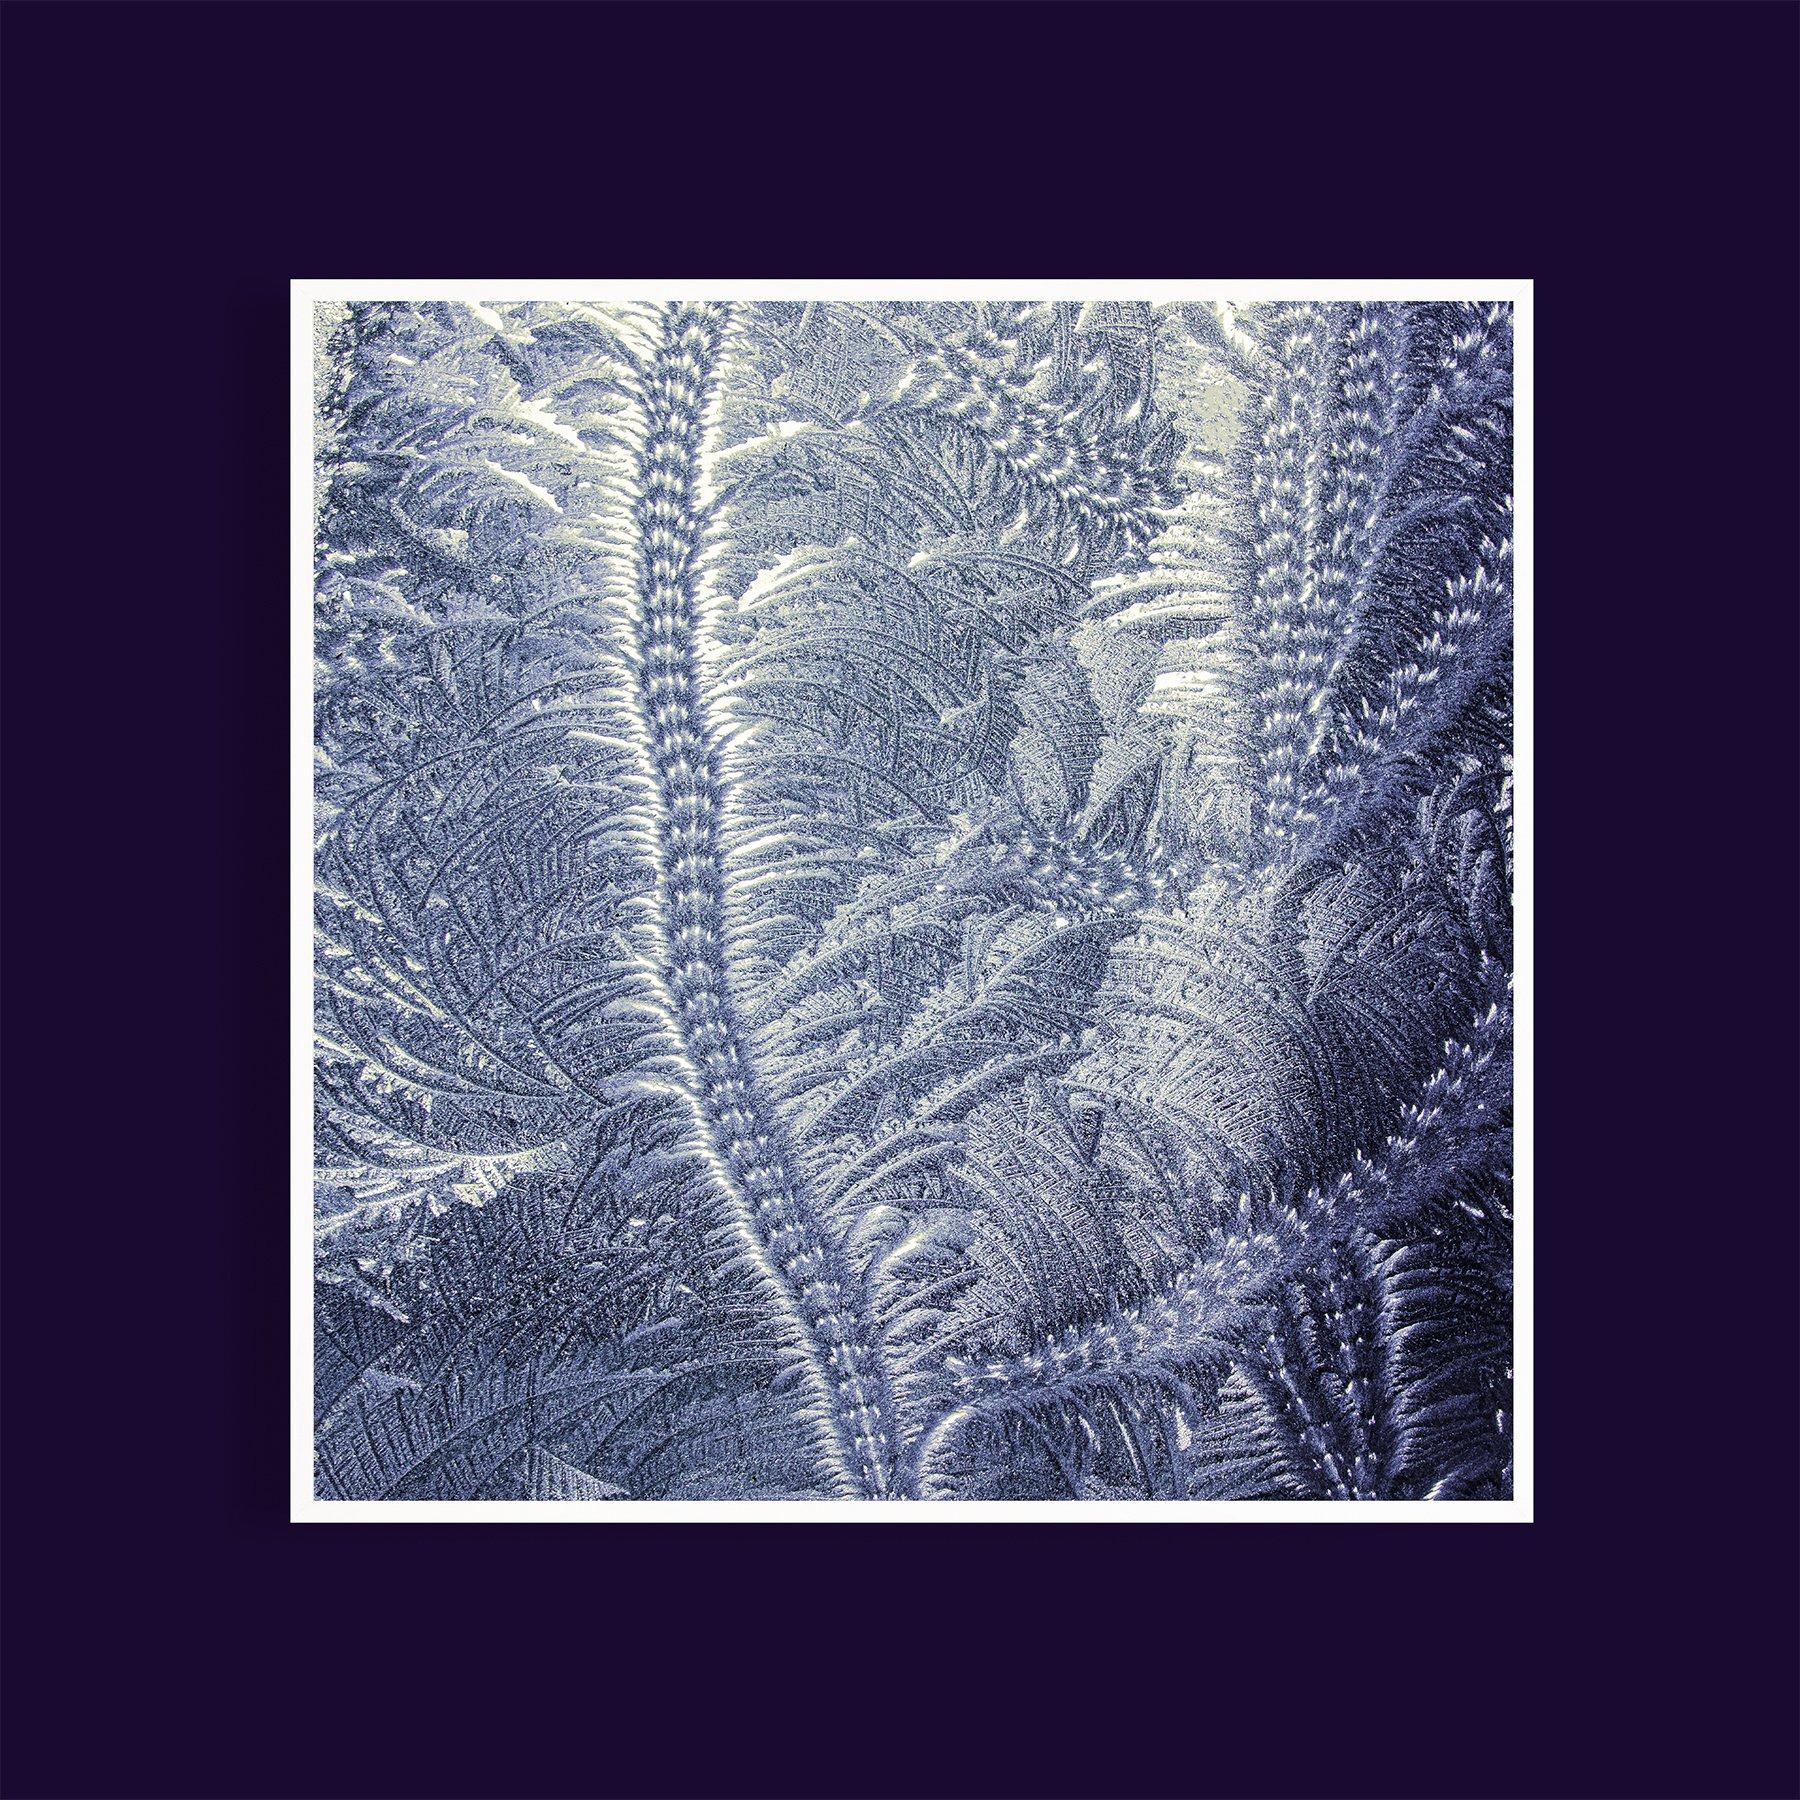 white-framed-dusk-frost-pattern-glass-on-glass-dark-purple-wall